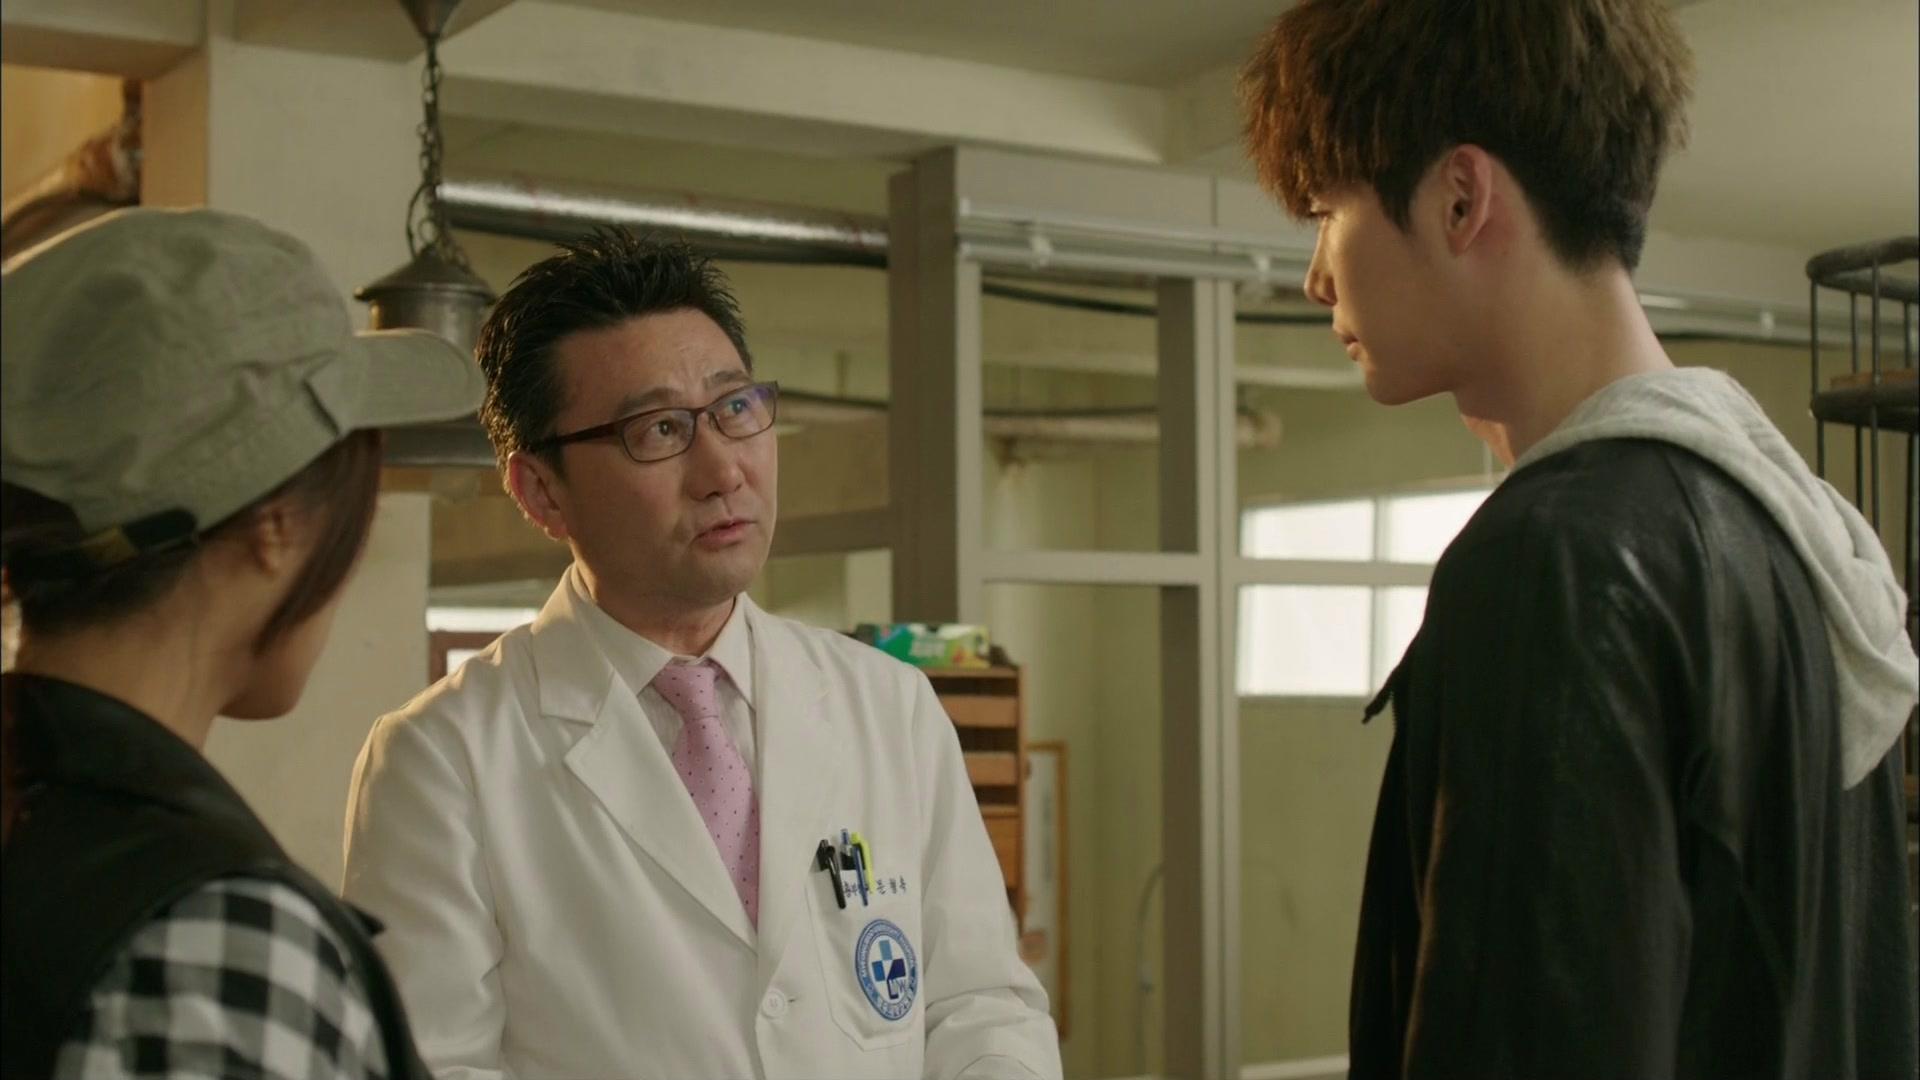 Doctor Stranger Episode 4